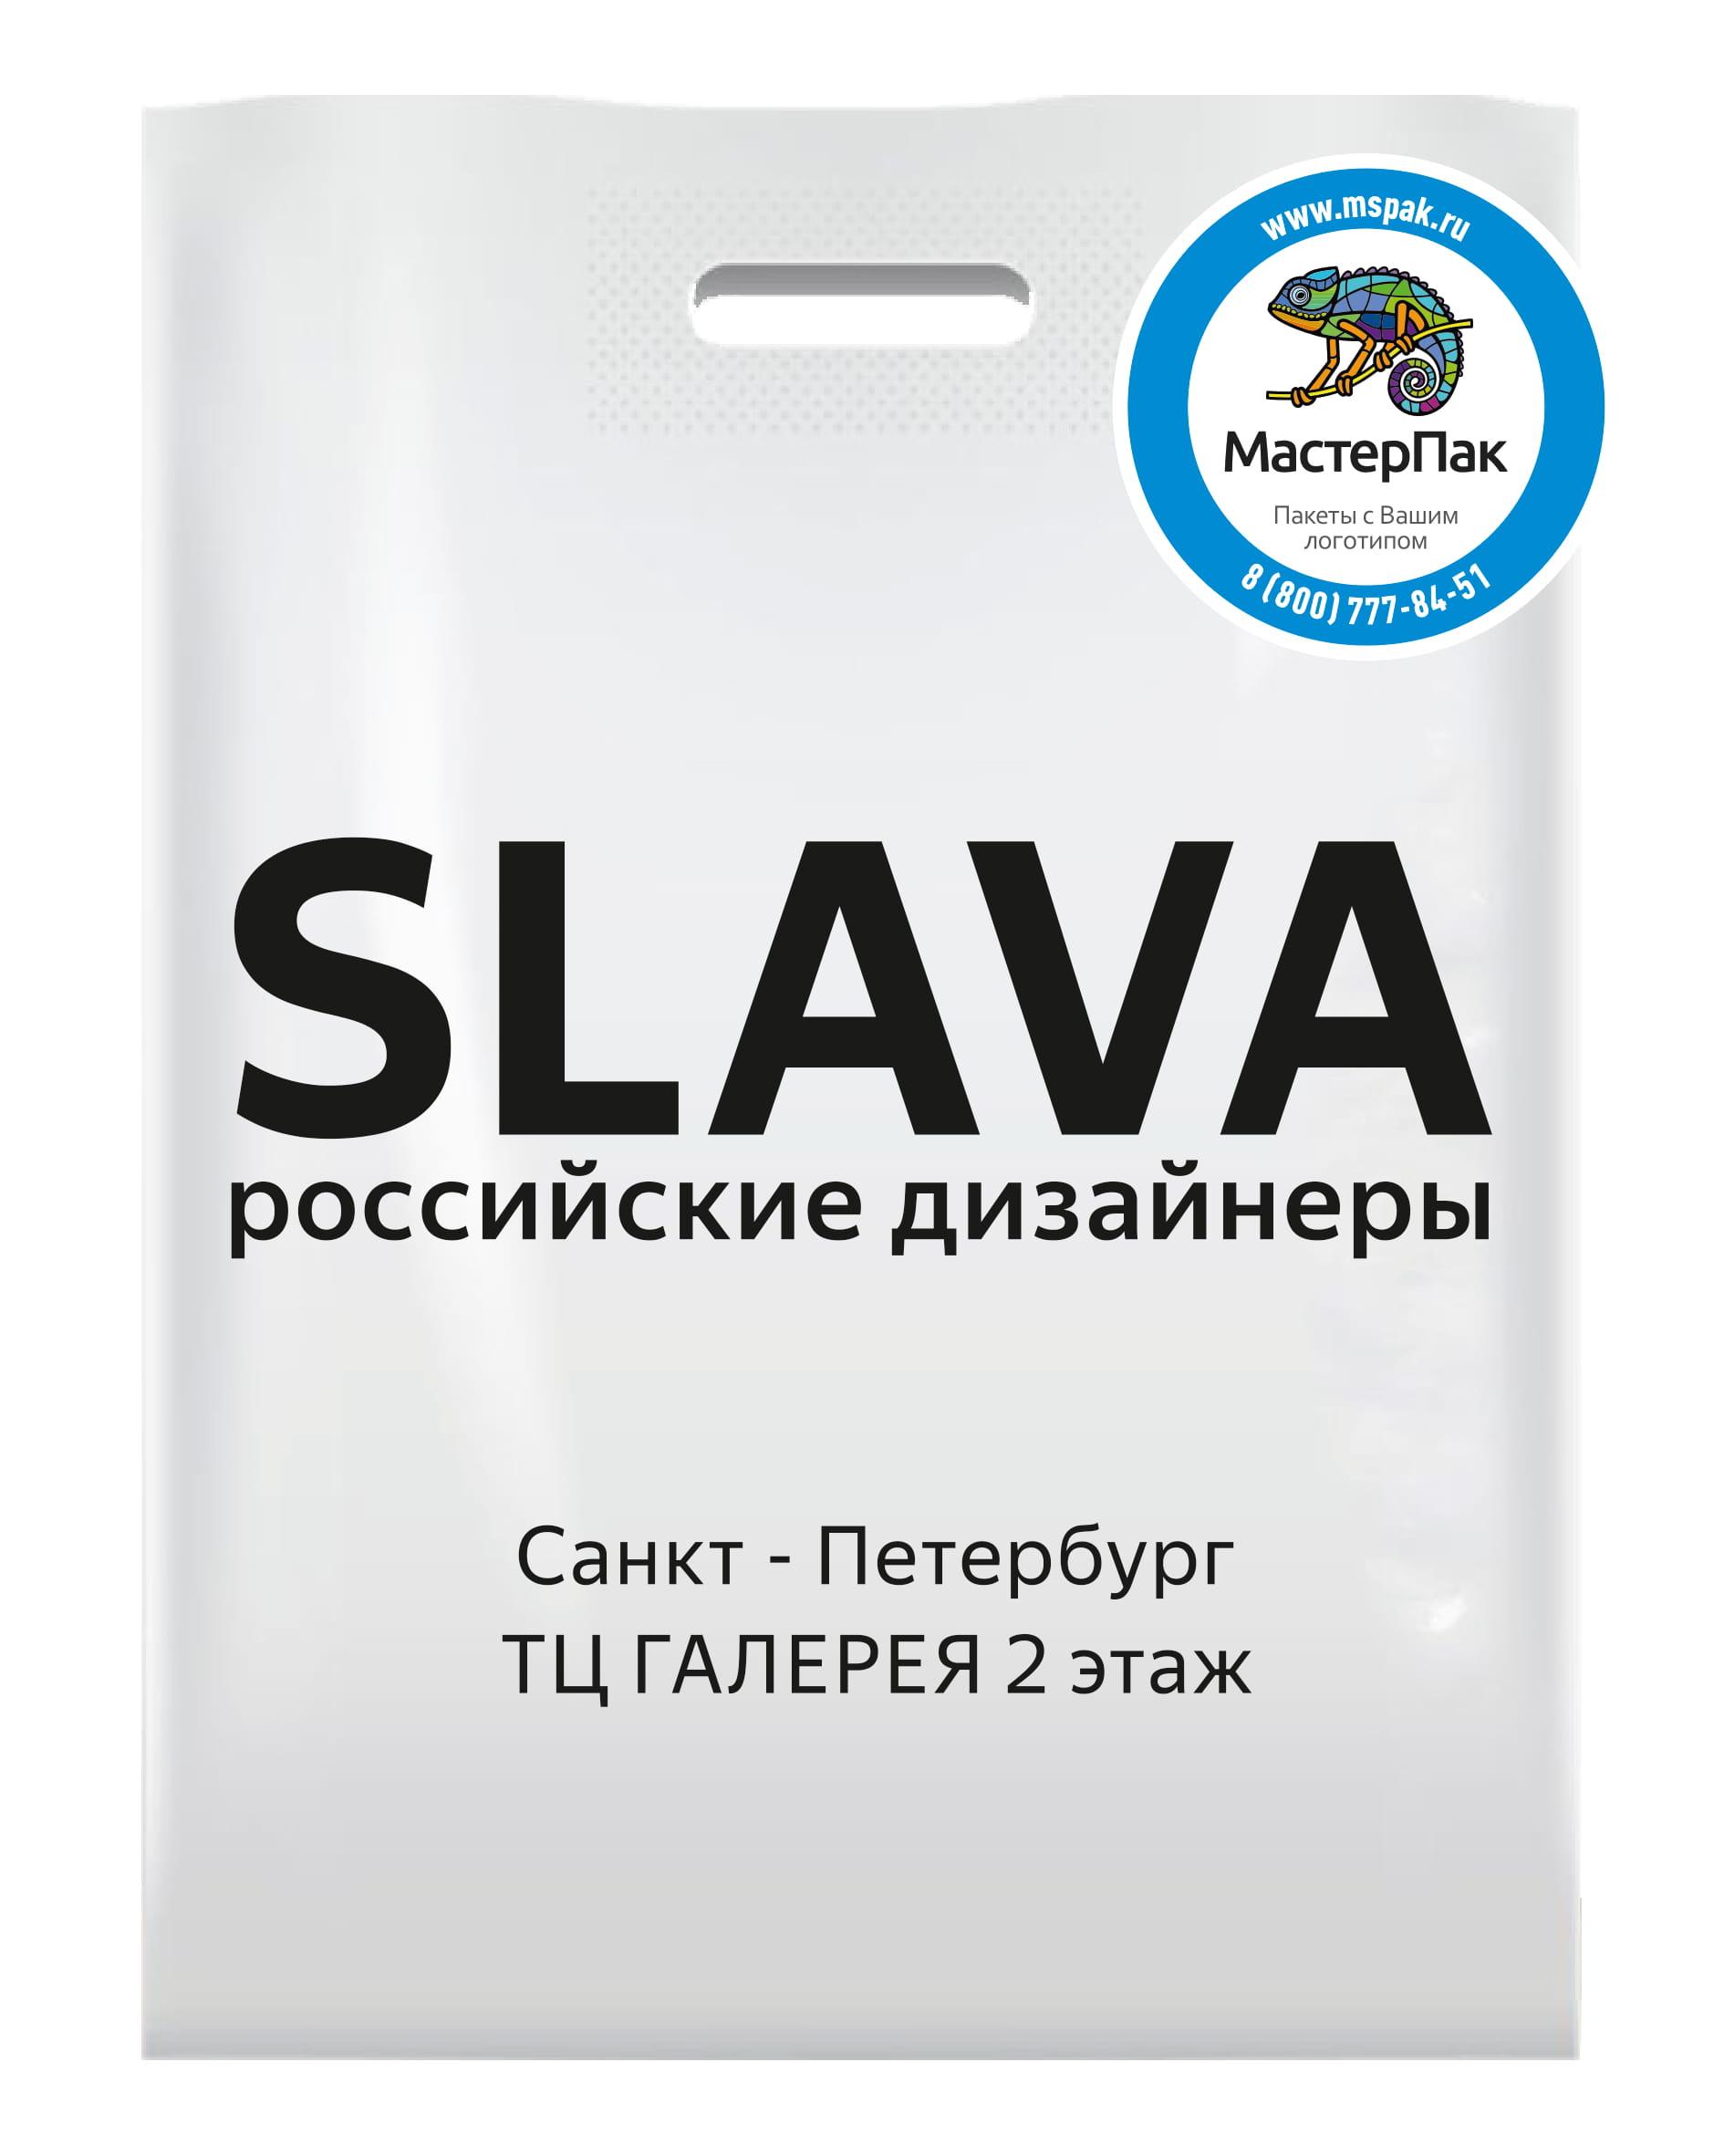 Пакет ПВД с логотипом SLAVA, Санкт-Петербург, 70 мкм, 36*45, вырубная ручка